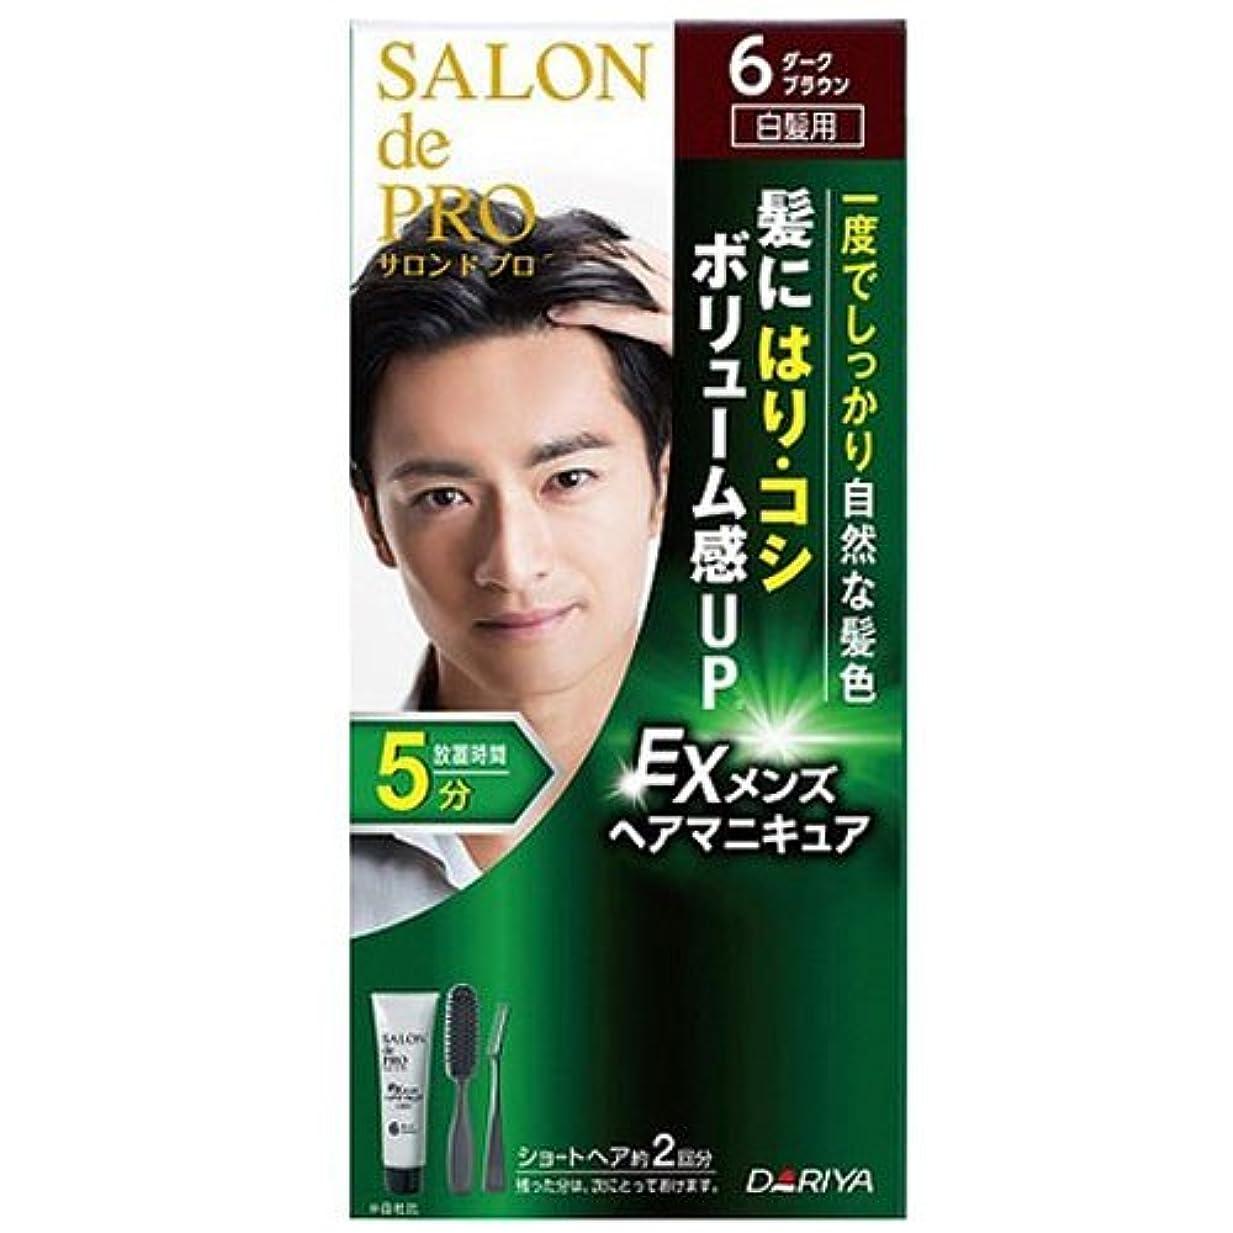 クモ幻影アライメントサロンドプロ EXメンズヘアマニキュア 白髪用 6 ダークブラウン